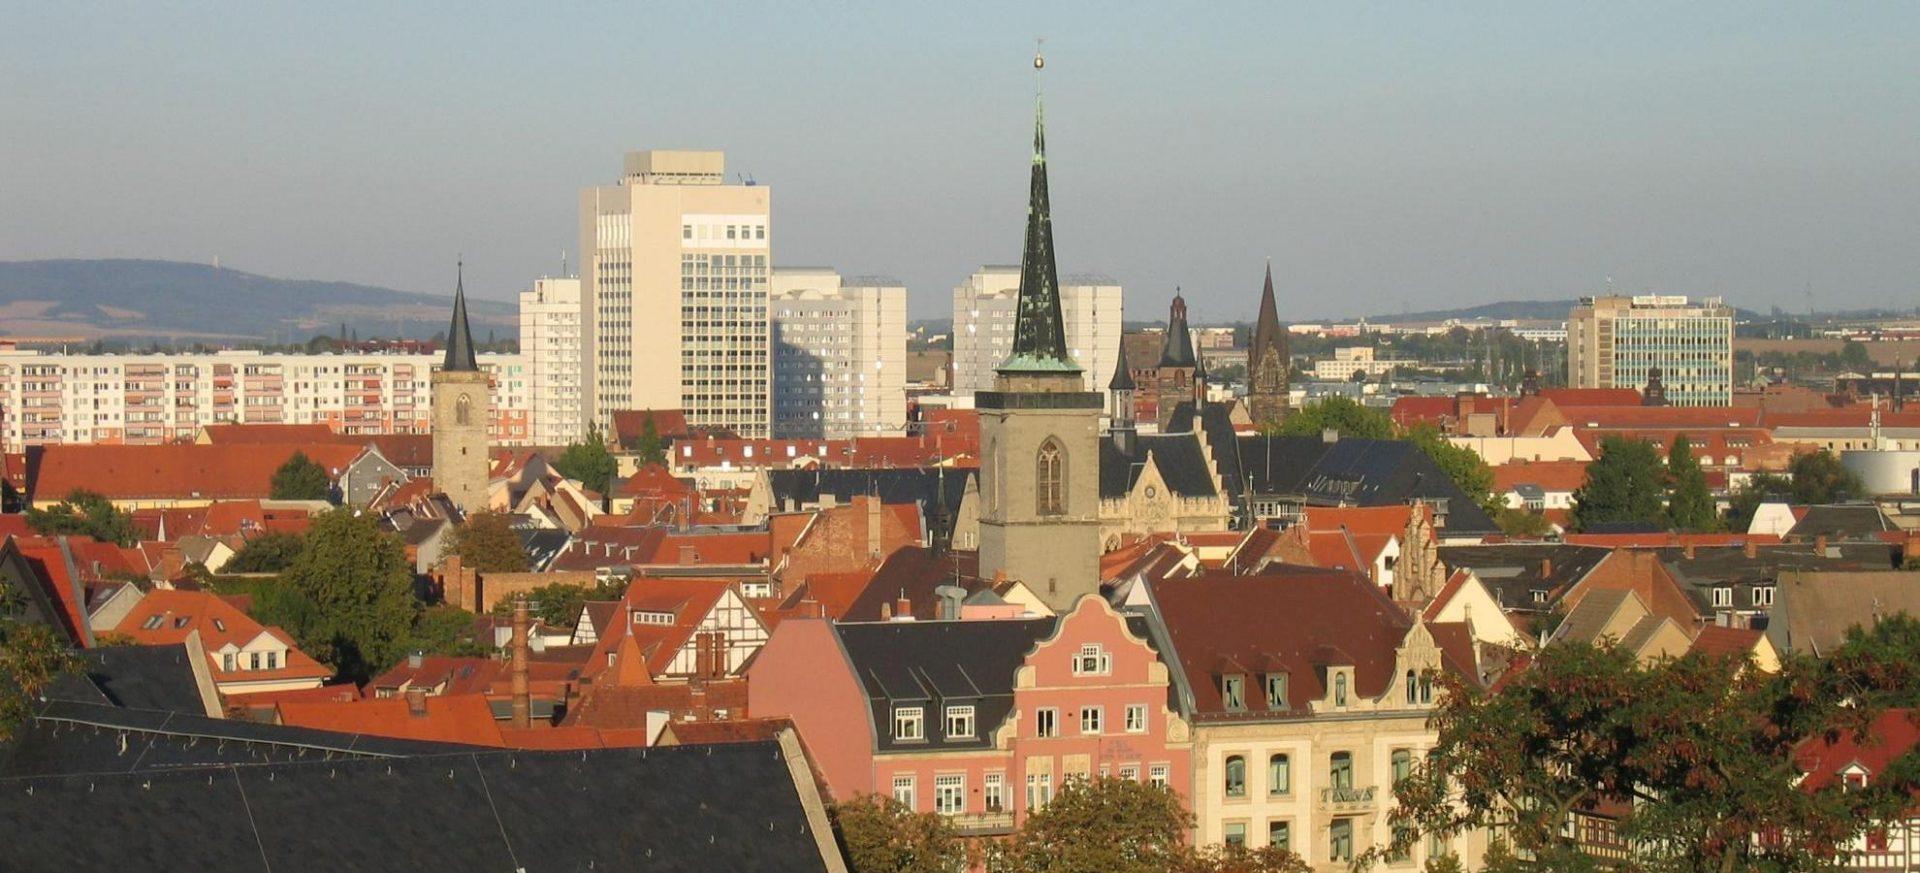 Radisson Blu Hotel Erfurt Blick über die Stadt